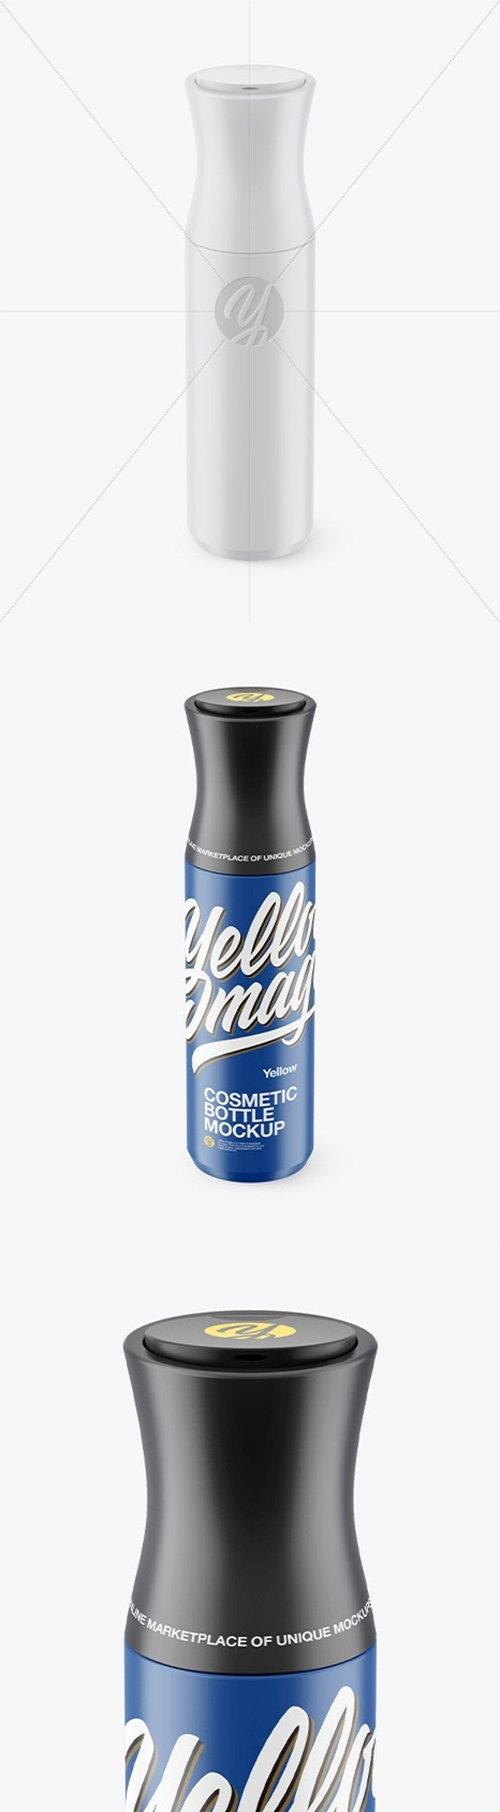 Matte Cosmetic Bottle Mockup  66529